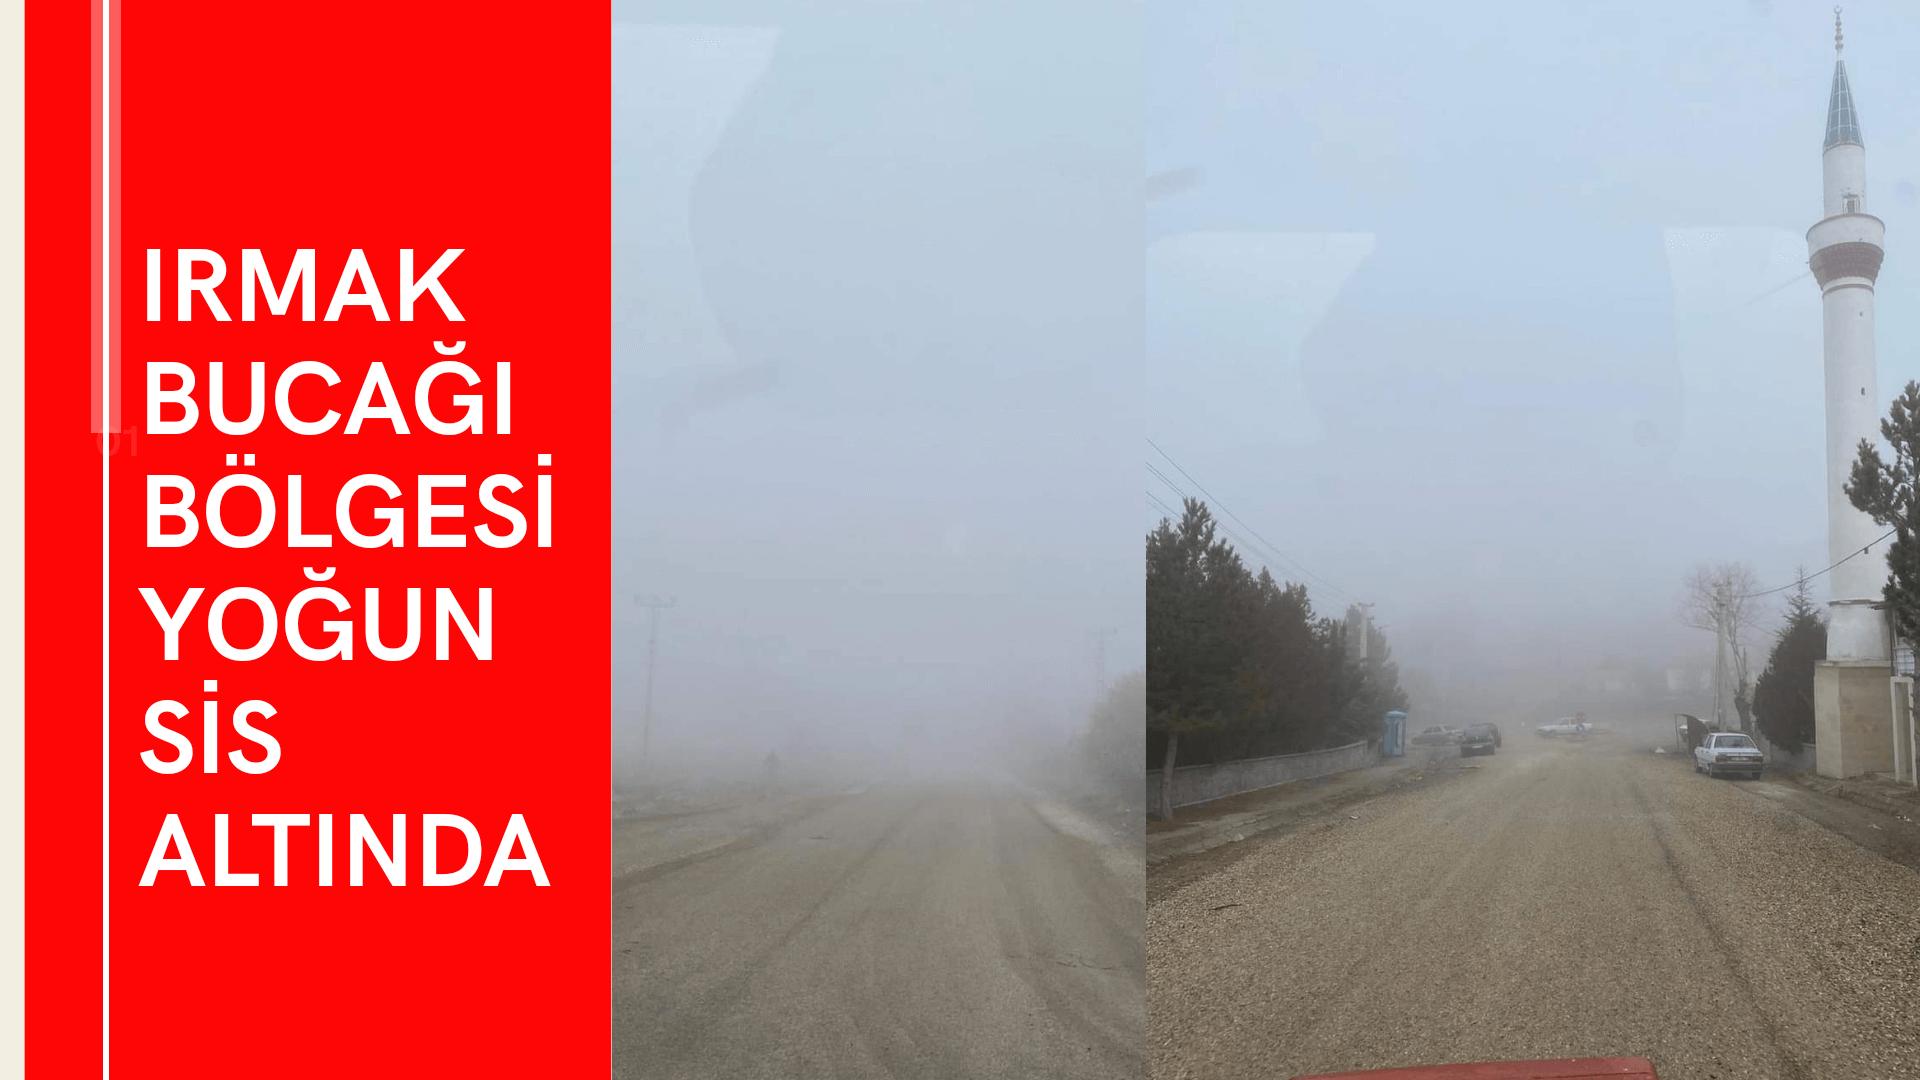 Irmak bucağı bölgesi yoğun sis altında